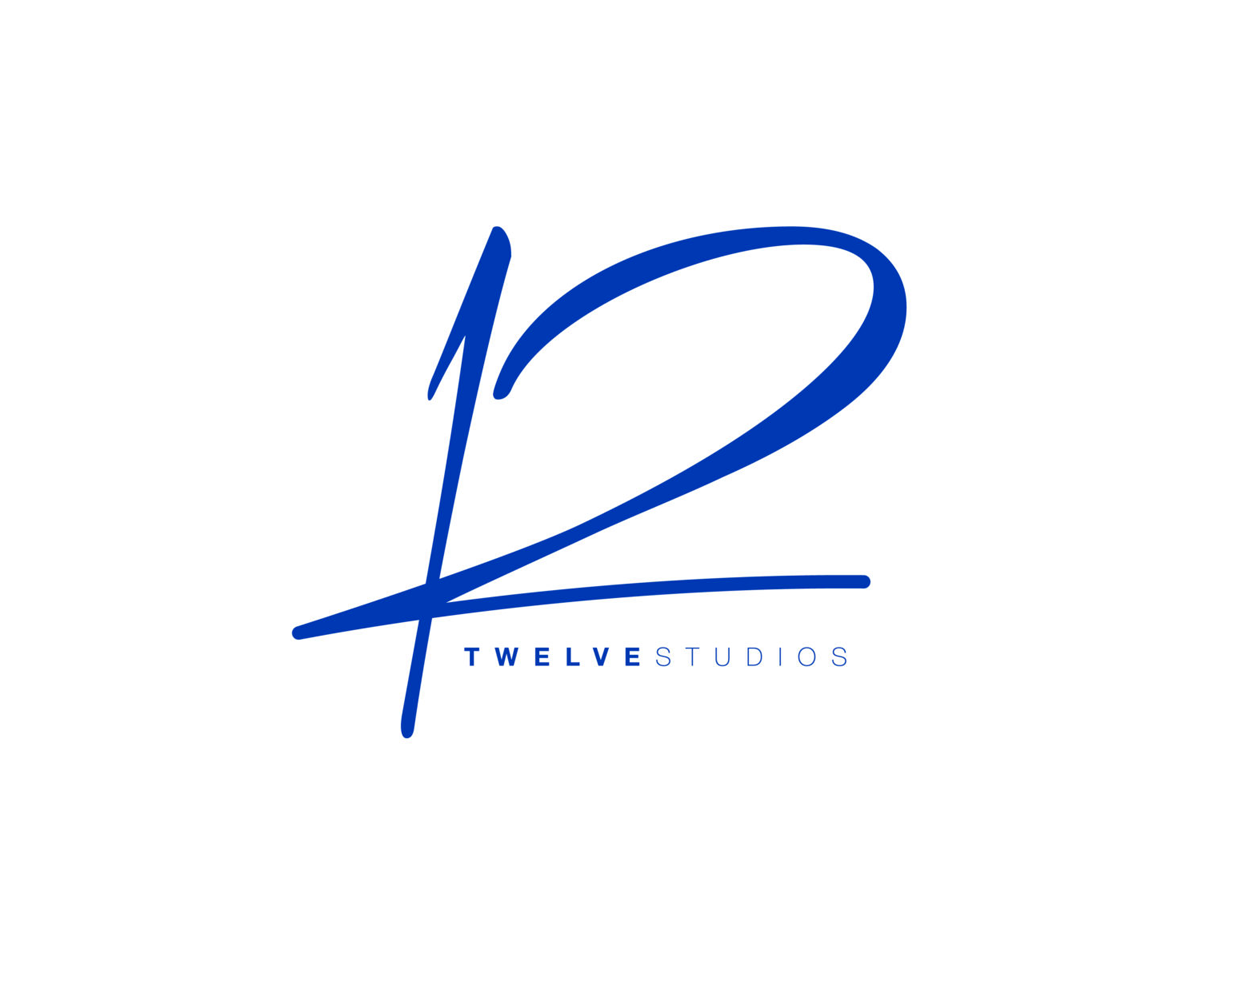 Twelve Studios